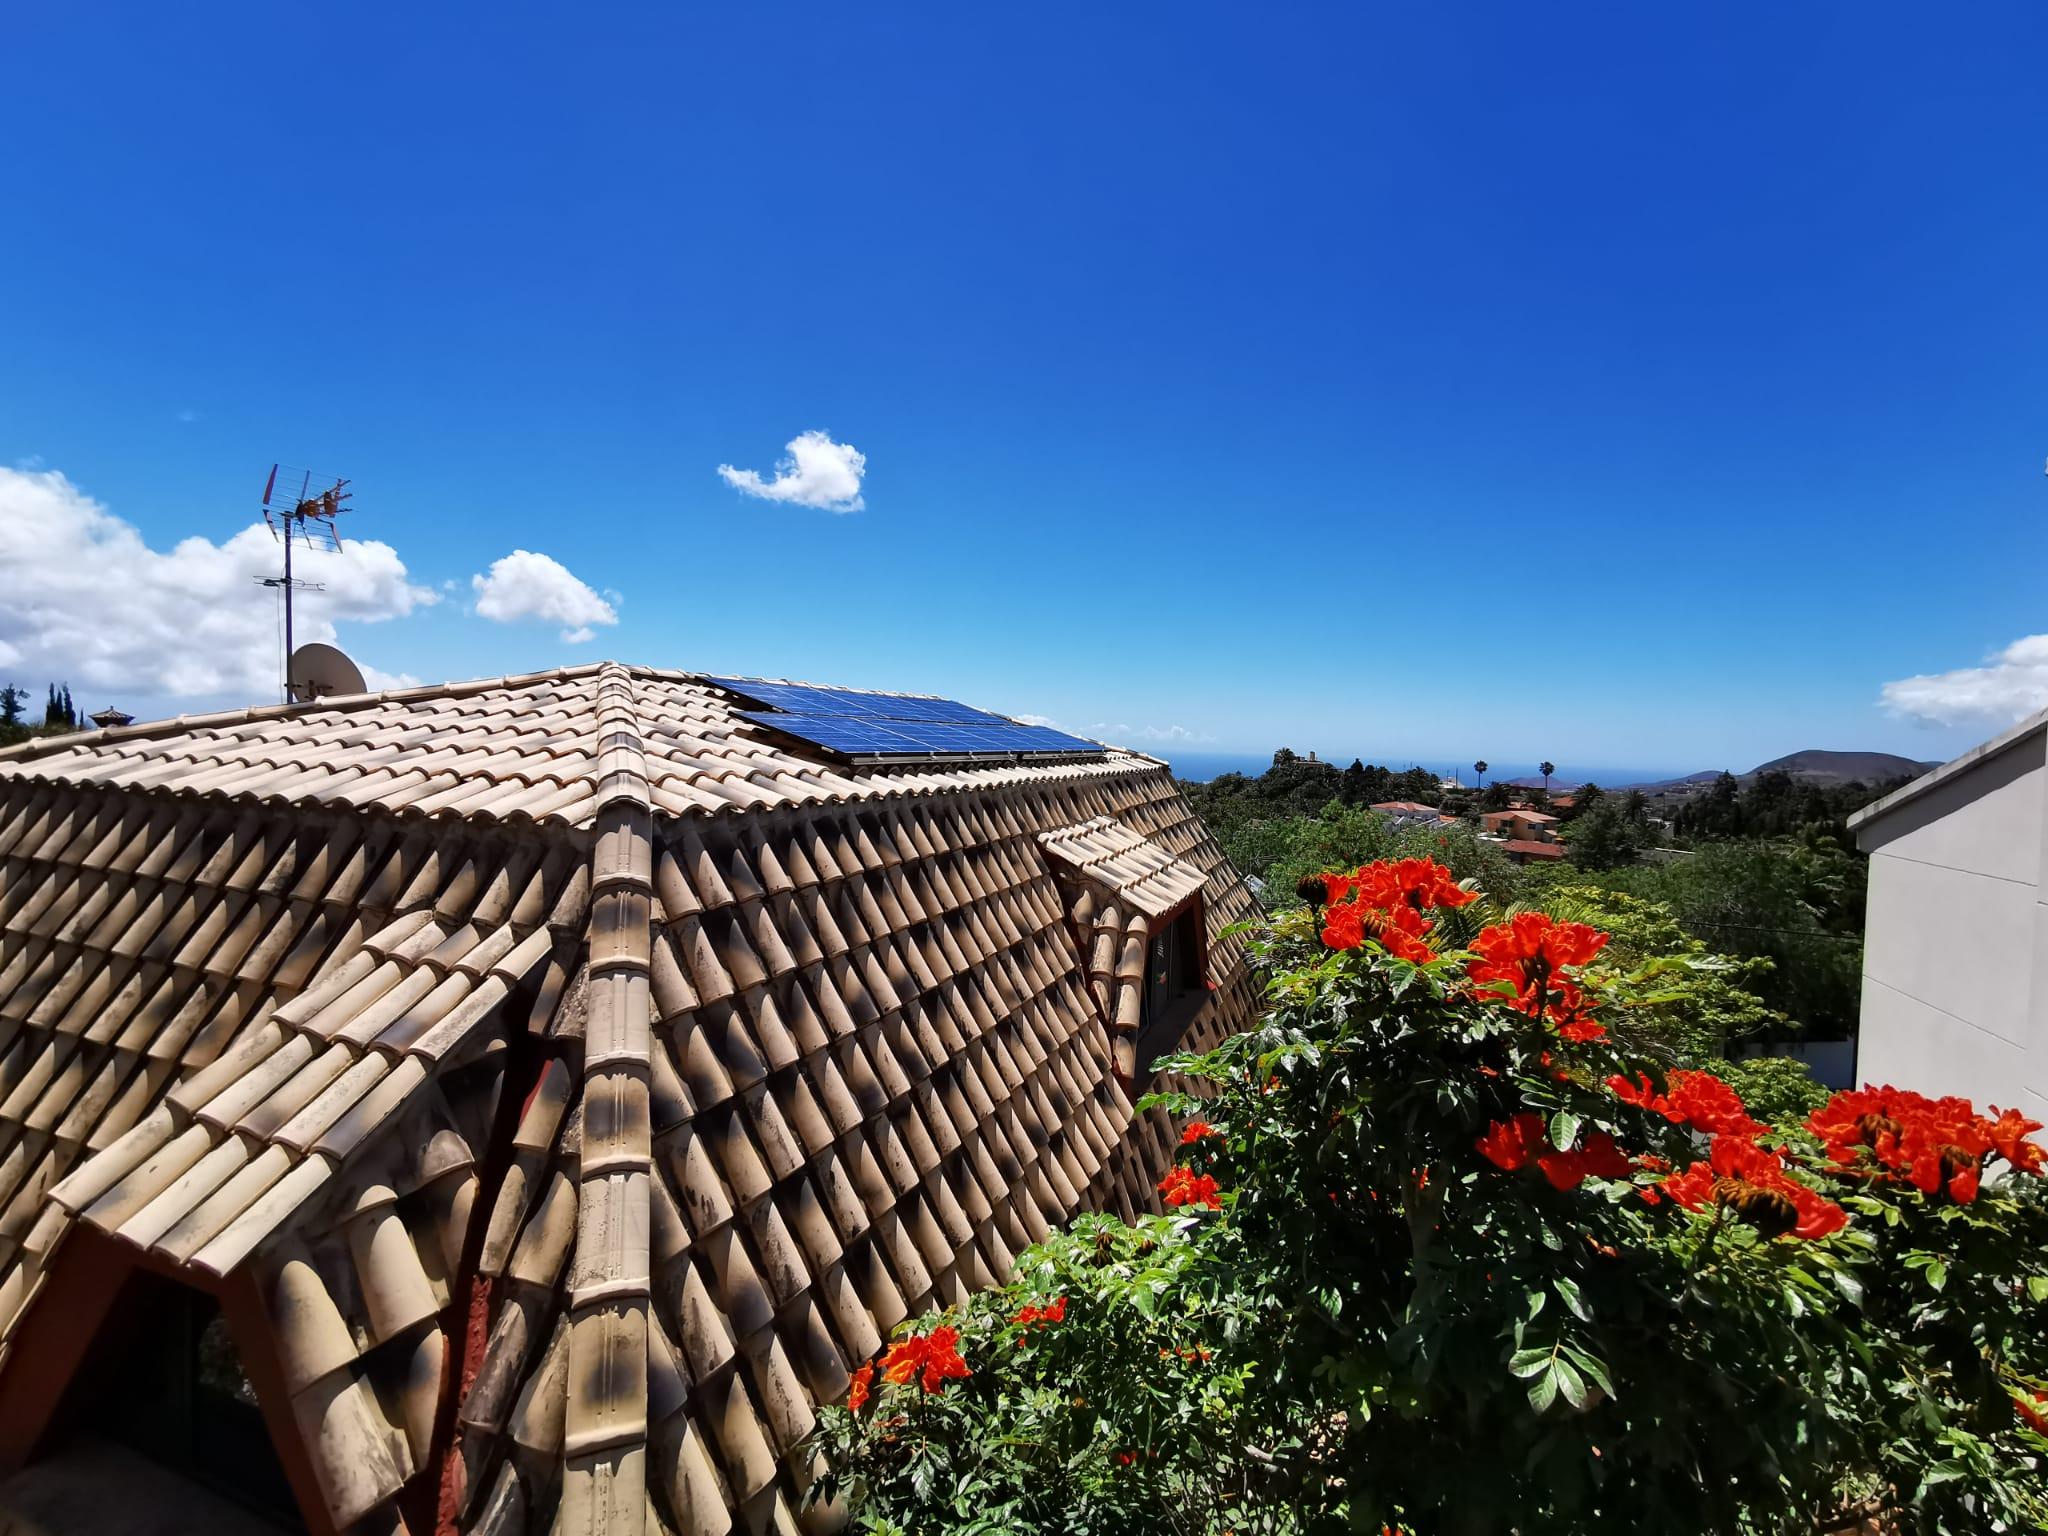 Instalación fotovoltaica para autoconsumo con almacenamiento